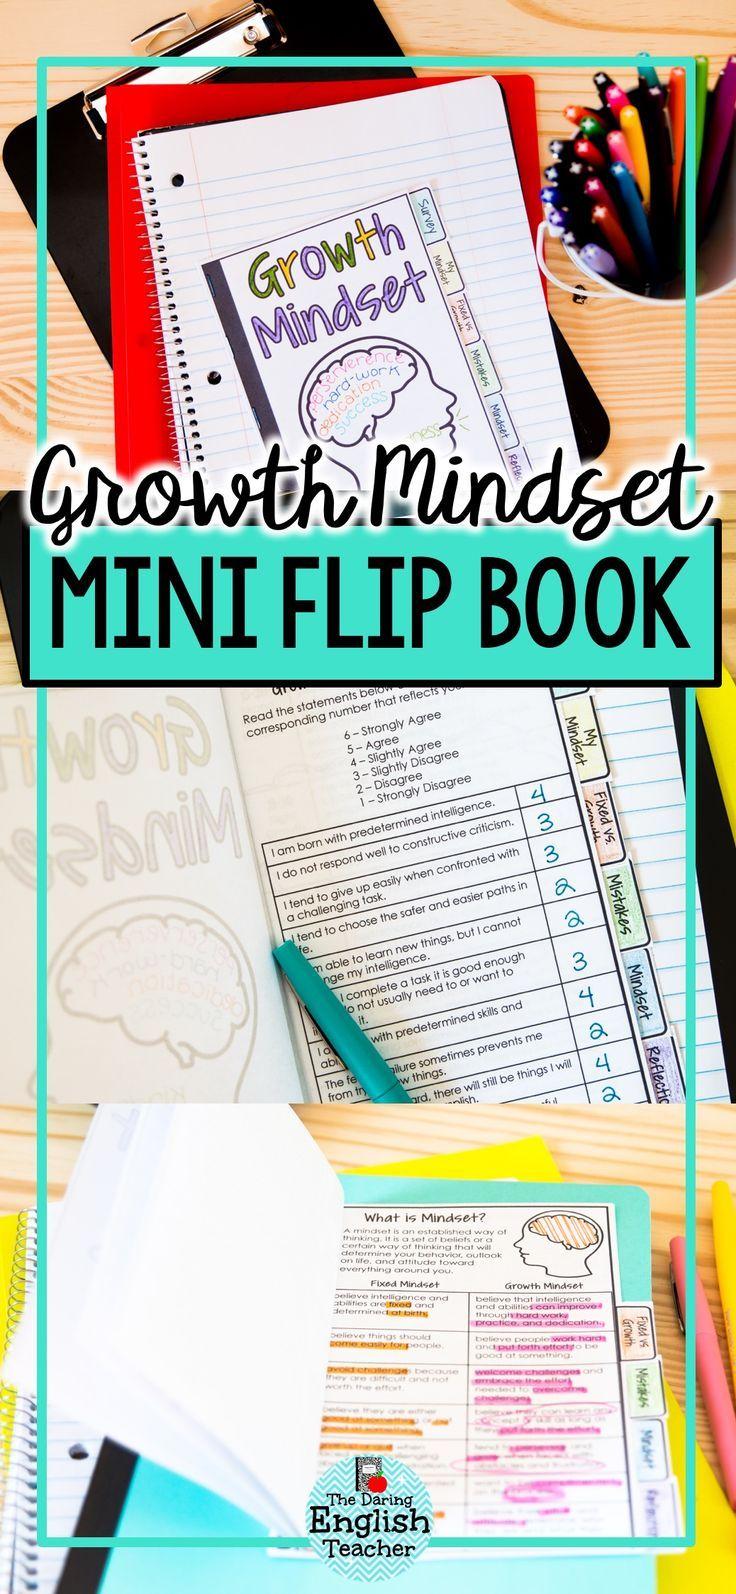 Growth mindset mini flip book mini flip book growth